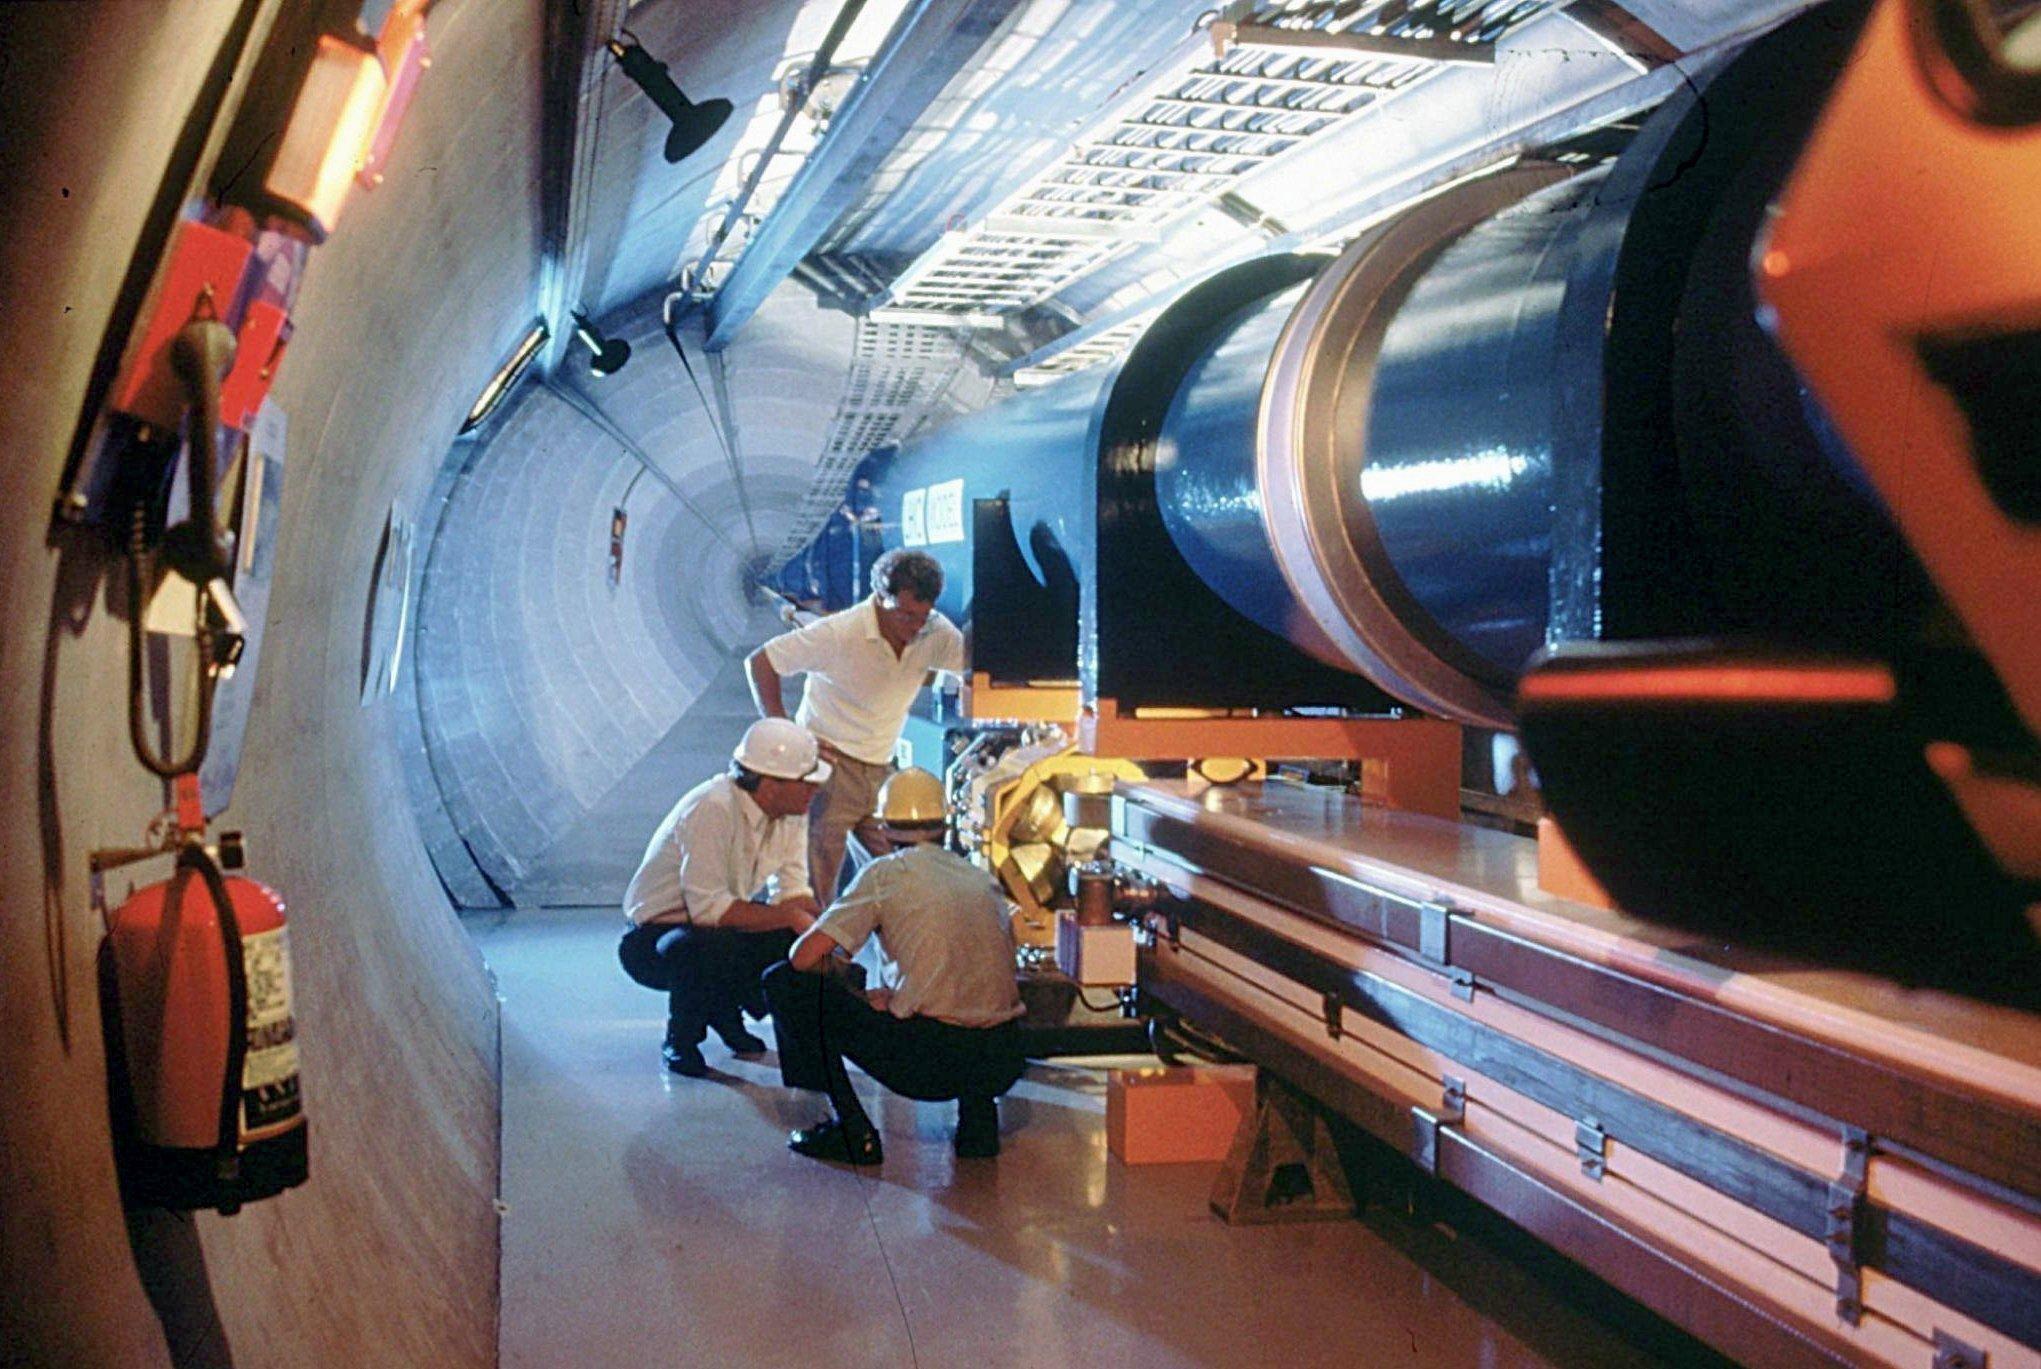 Large Hadron Collider (LHC): Forscher des Cern wollen mit dem leistungsstärksten Teilchenbeschleuniger der Welt Geheimnisse des Universums entschlüsseln.